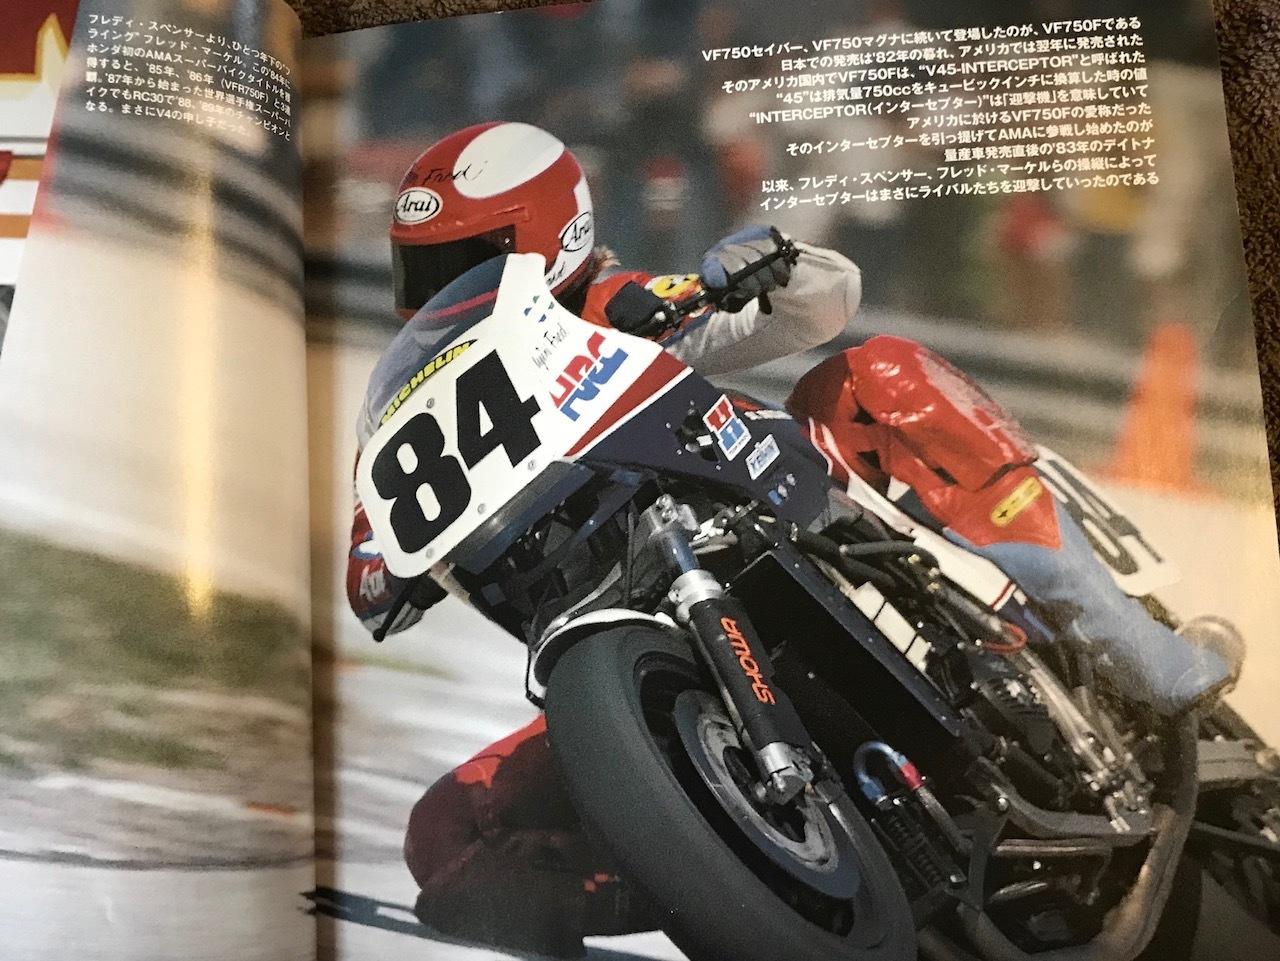 VF750F インターセプター AMAスーパーバイクレプリカスクリーン_e0196826_16370275.jpeg